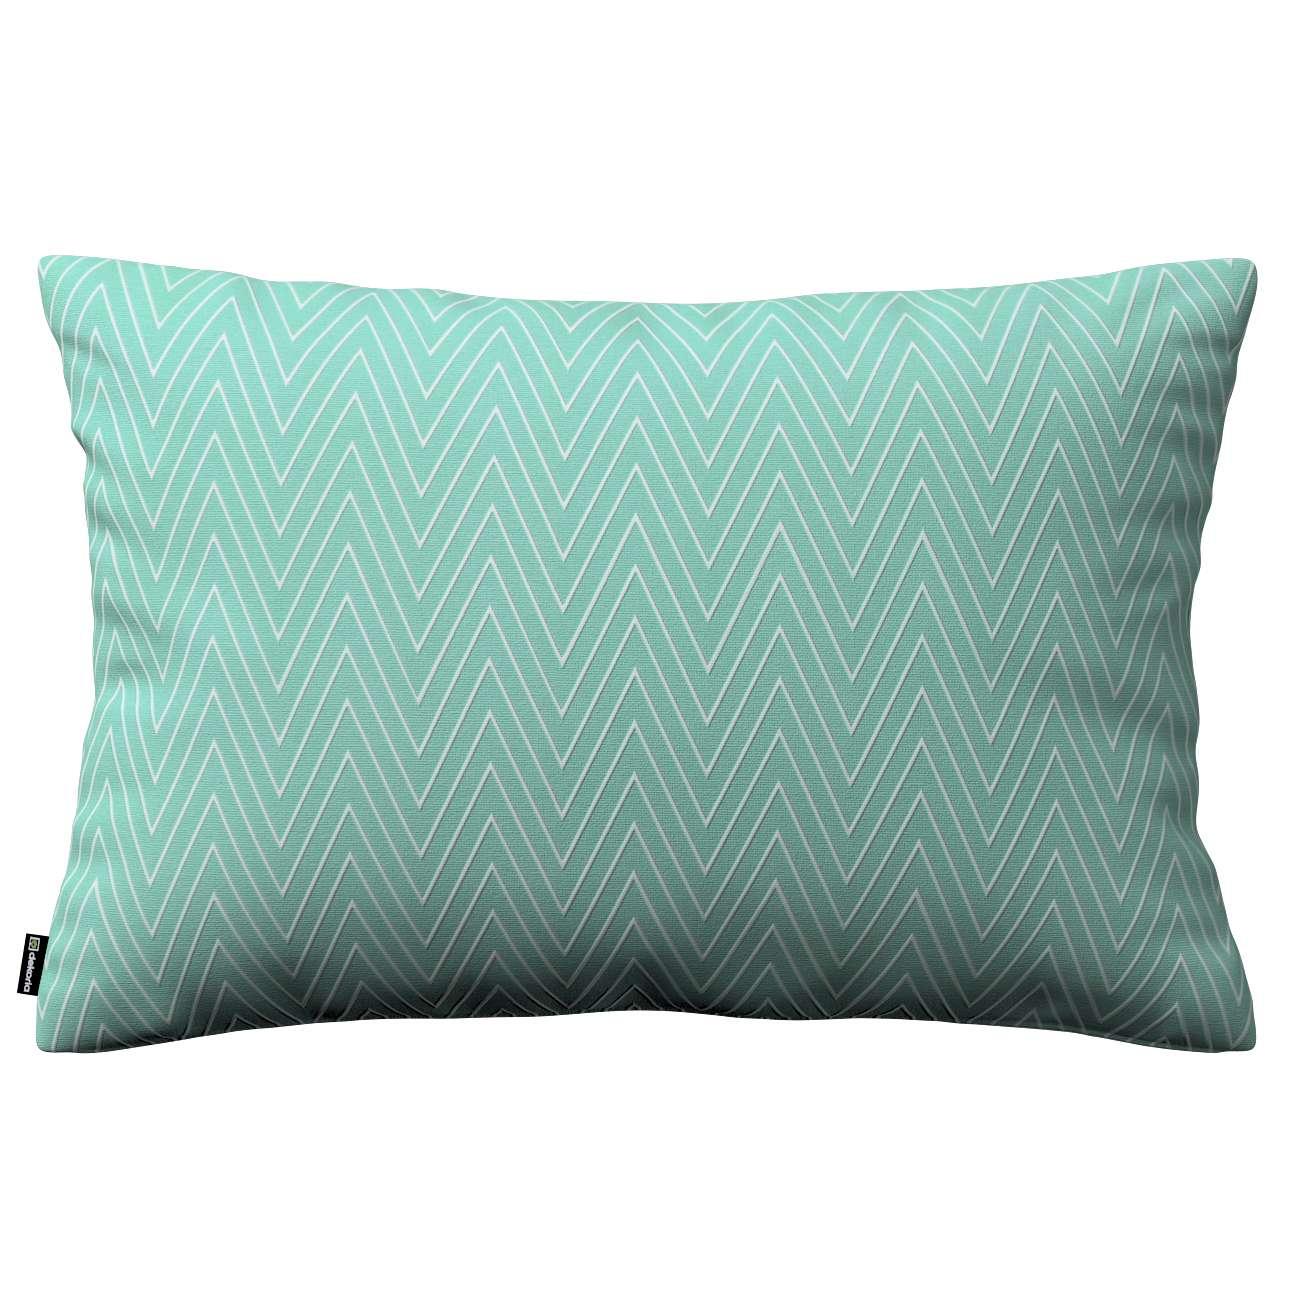 Poszewka Kinga na poduszkę prostokątną 60 x 40 cm w kolekcji Brooklyn, tkanina: 137-90